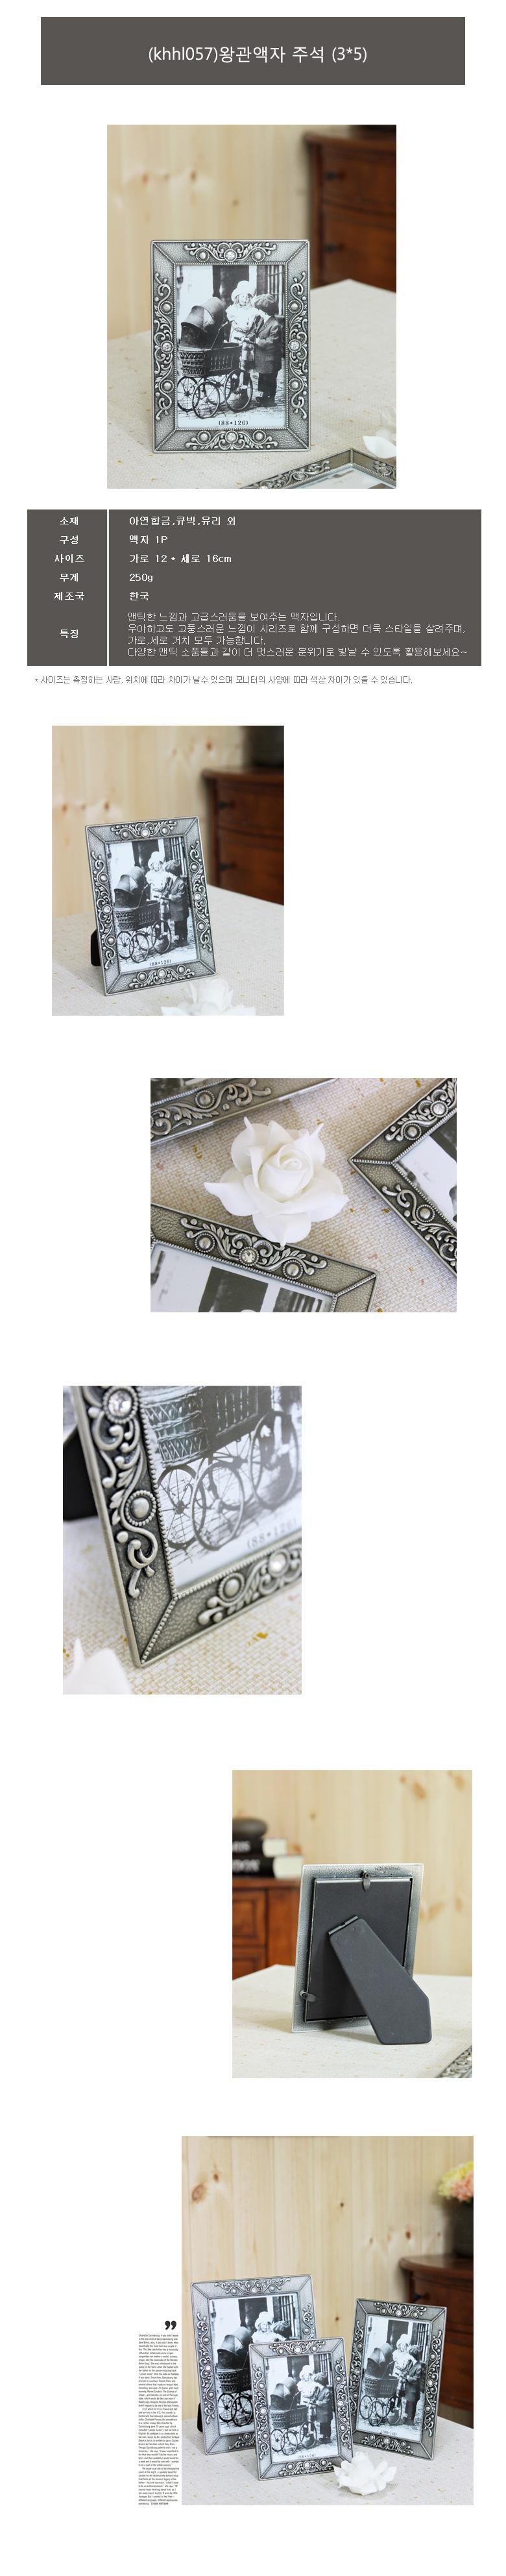 (khhl057)왕관액자 주석 (3x5) - 키다리, 12,500원, 액자, 앤틱액자